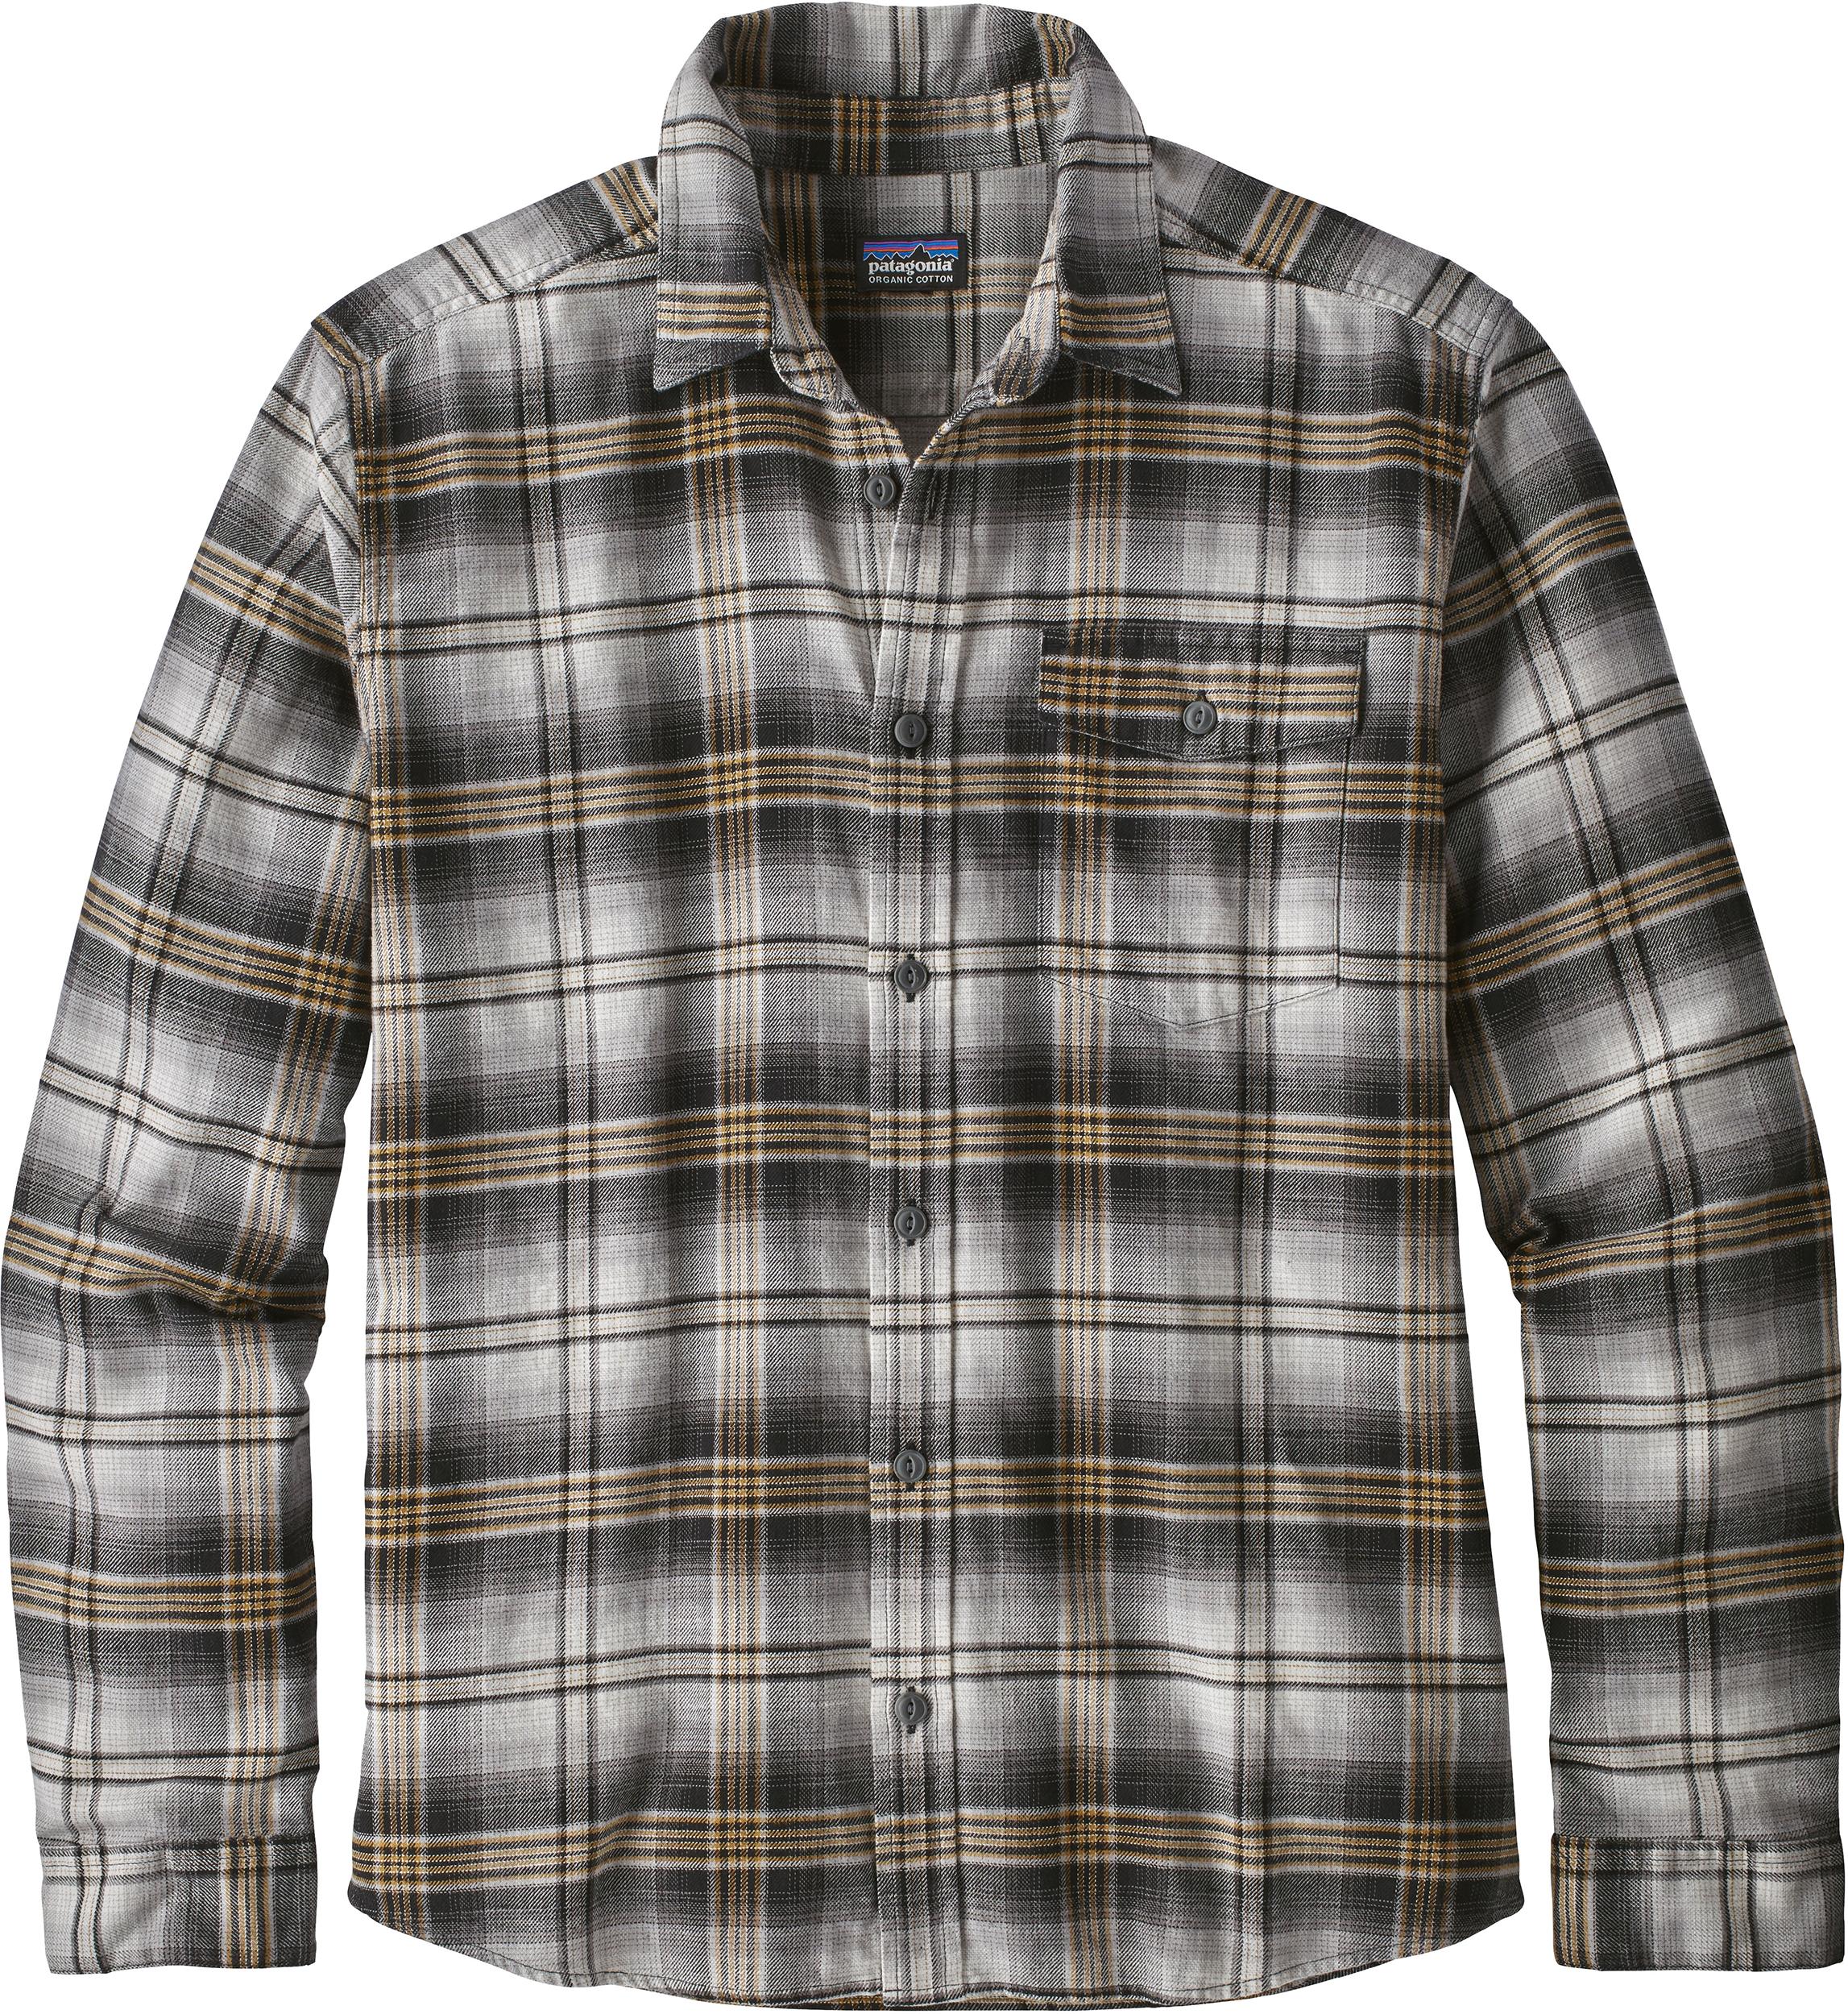 942eee032088 Men s Shirts and tops